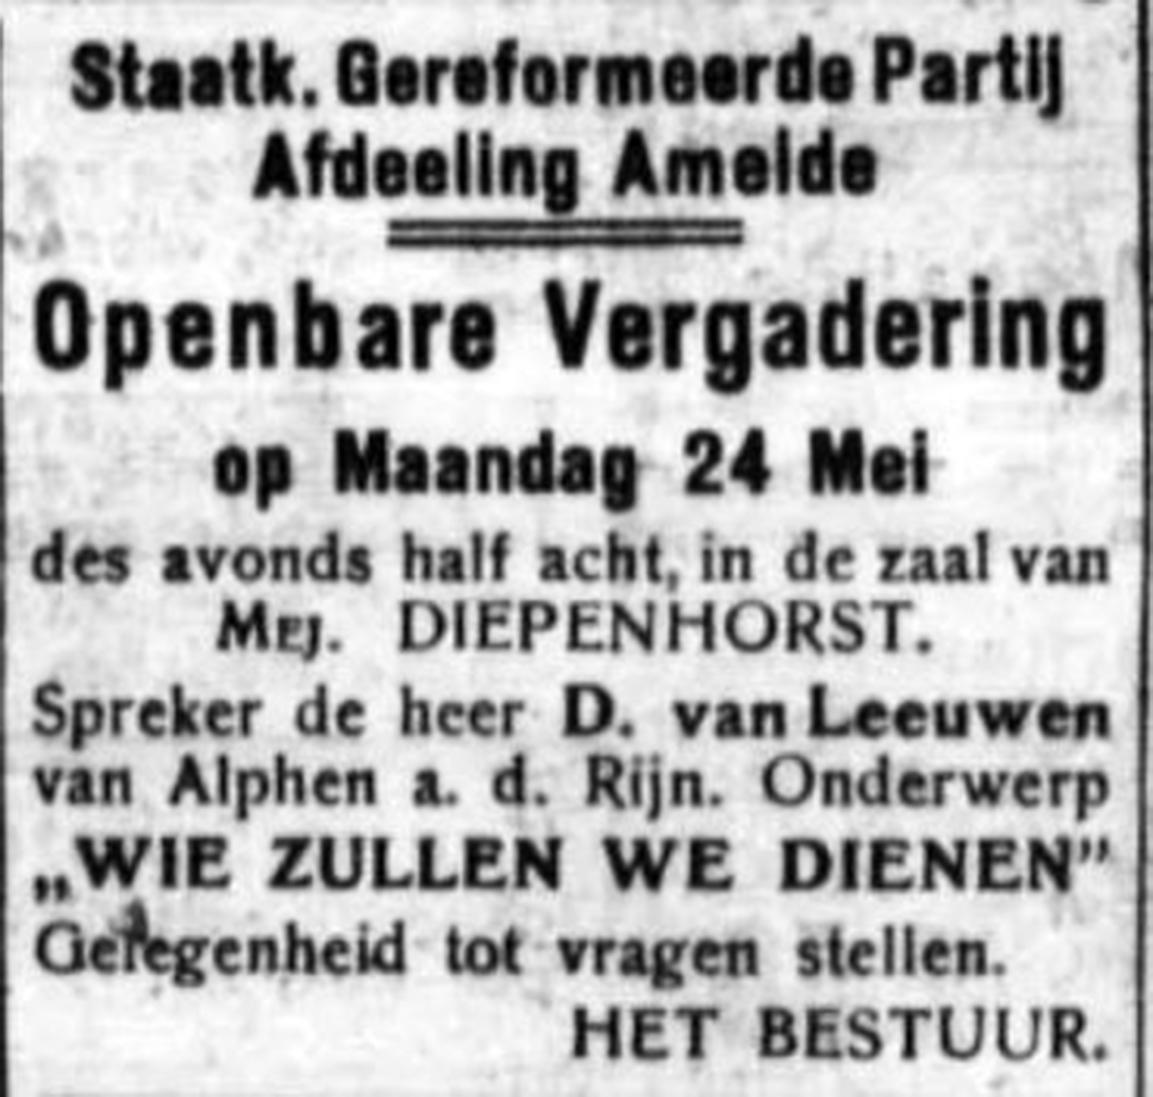 schoonhovensche-courant-06811-1937-05-21-artikel-9